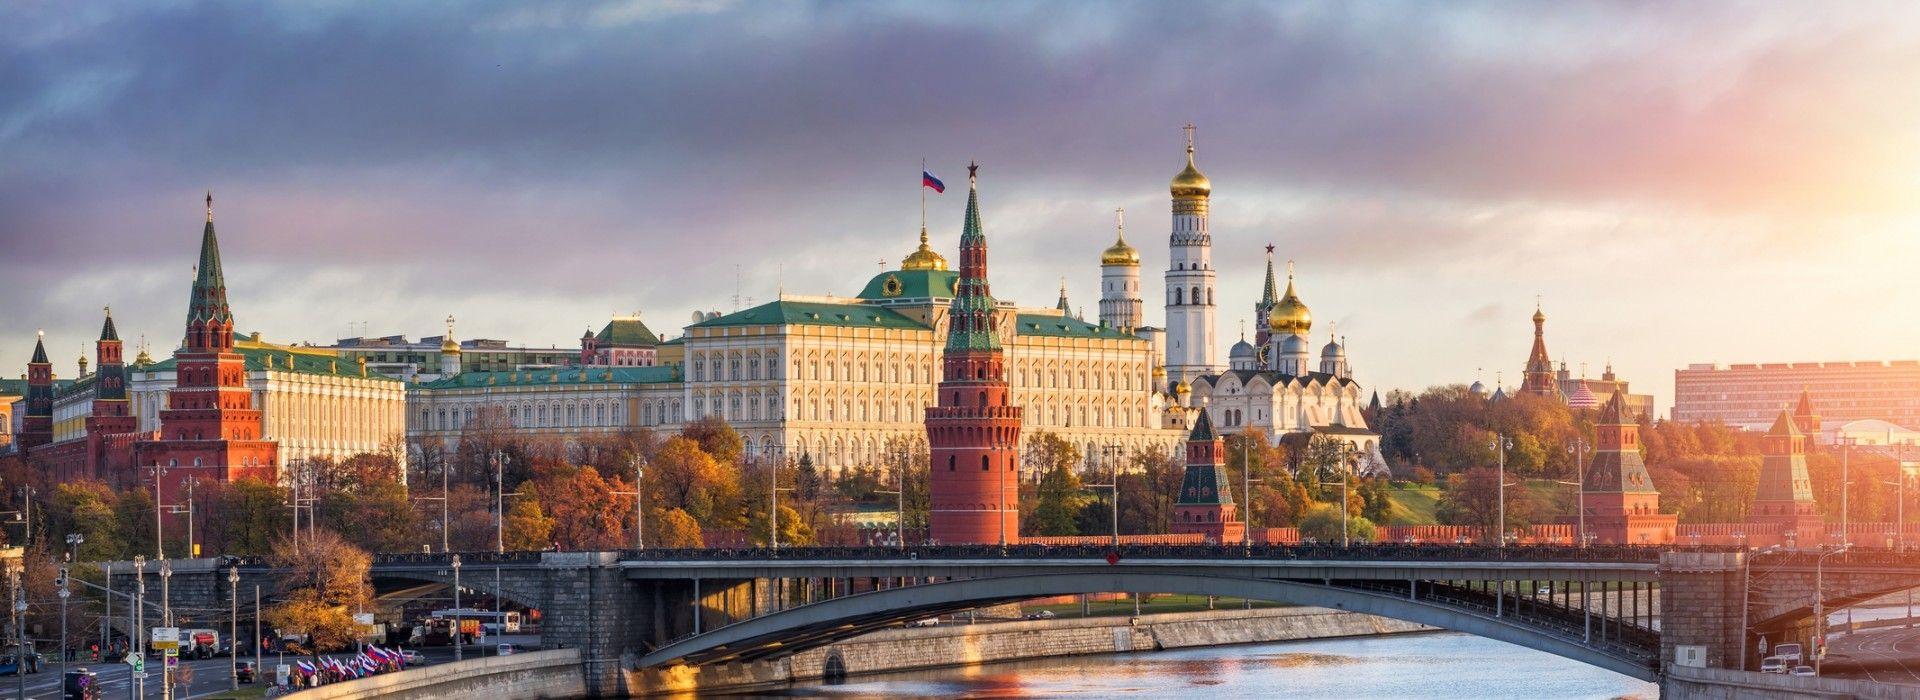 Petropavlovsk-kamchatsky Tours